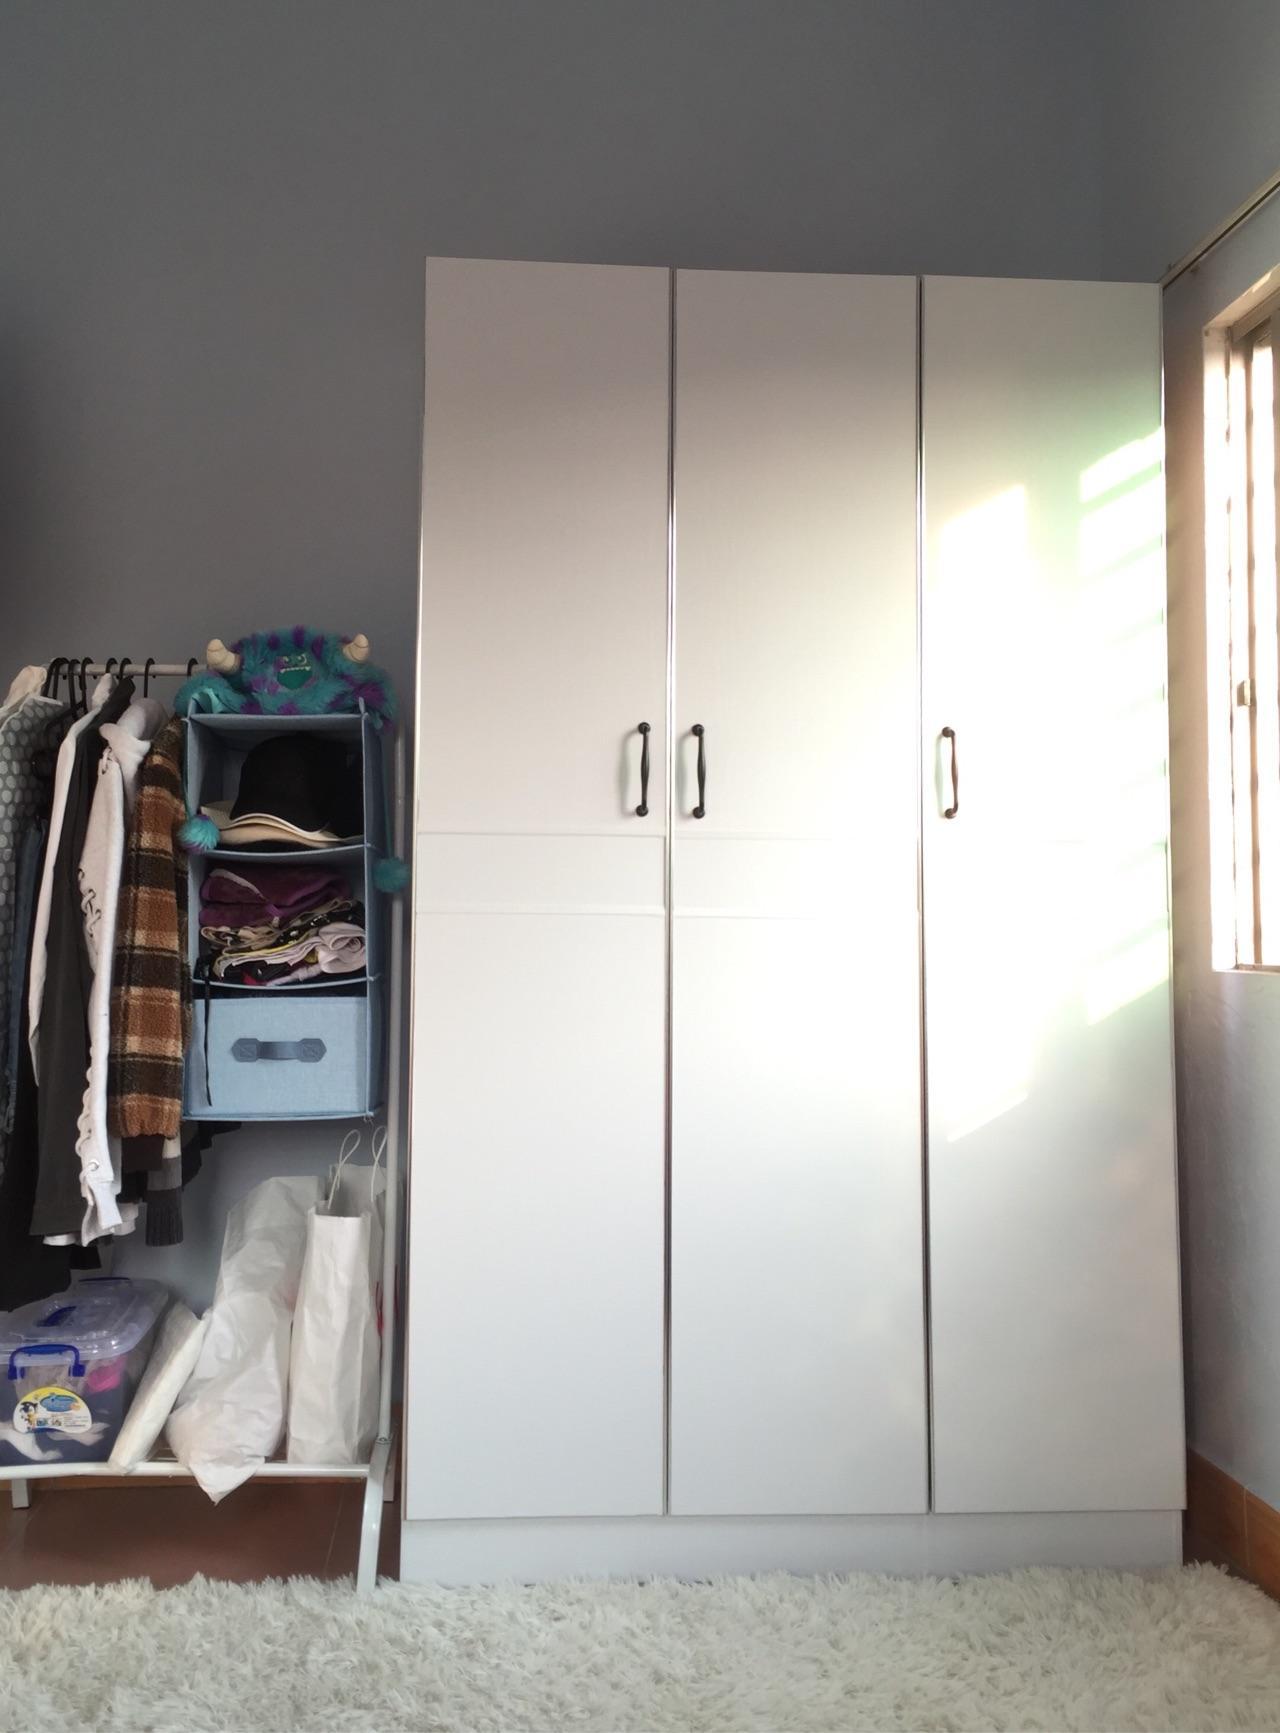 旧家具翻新v家具刷漆好经纬还是贴纸好?家具家具地址德州图片